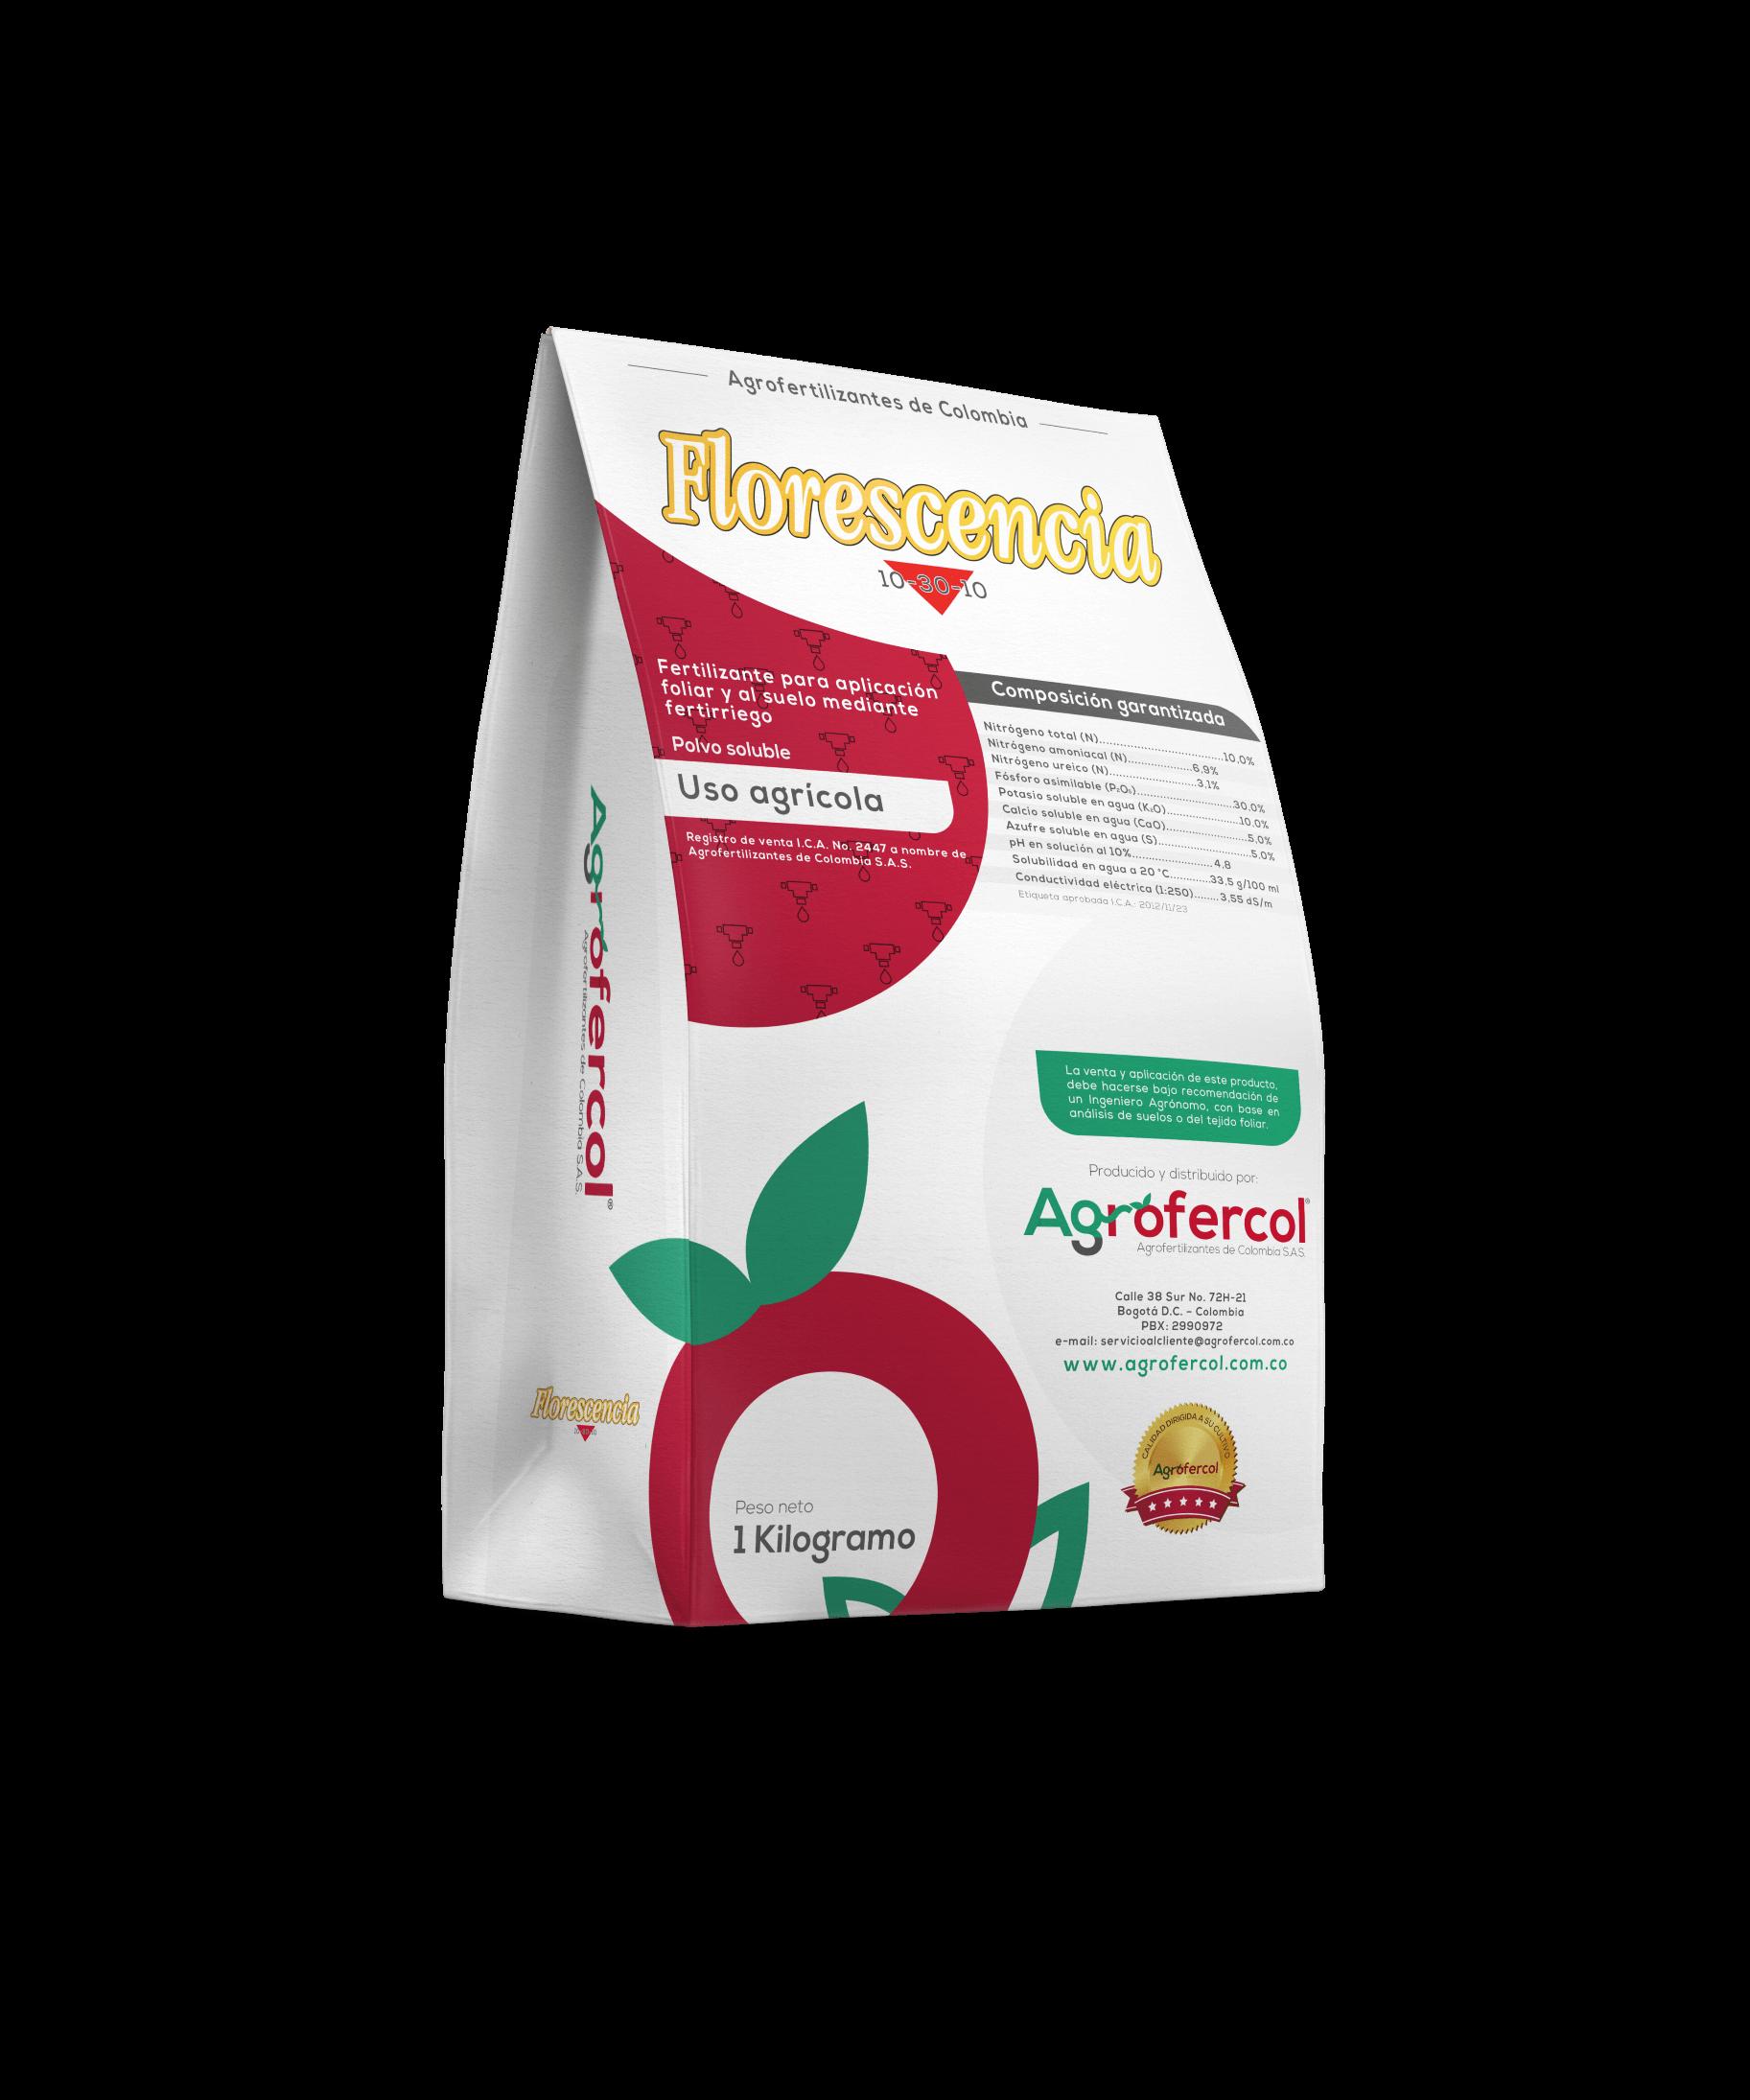 Fertilizante-Florescencia-Agrofercol.png